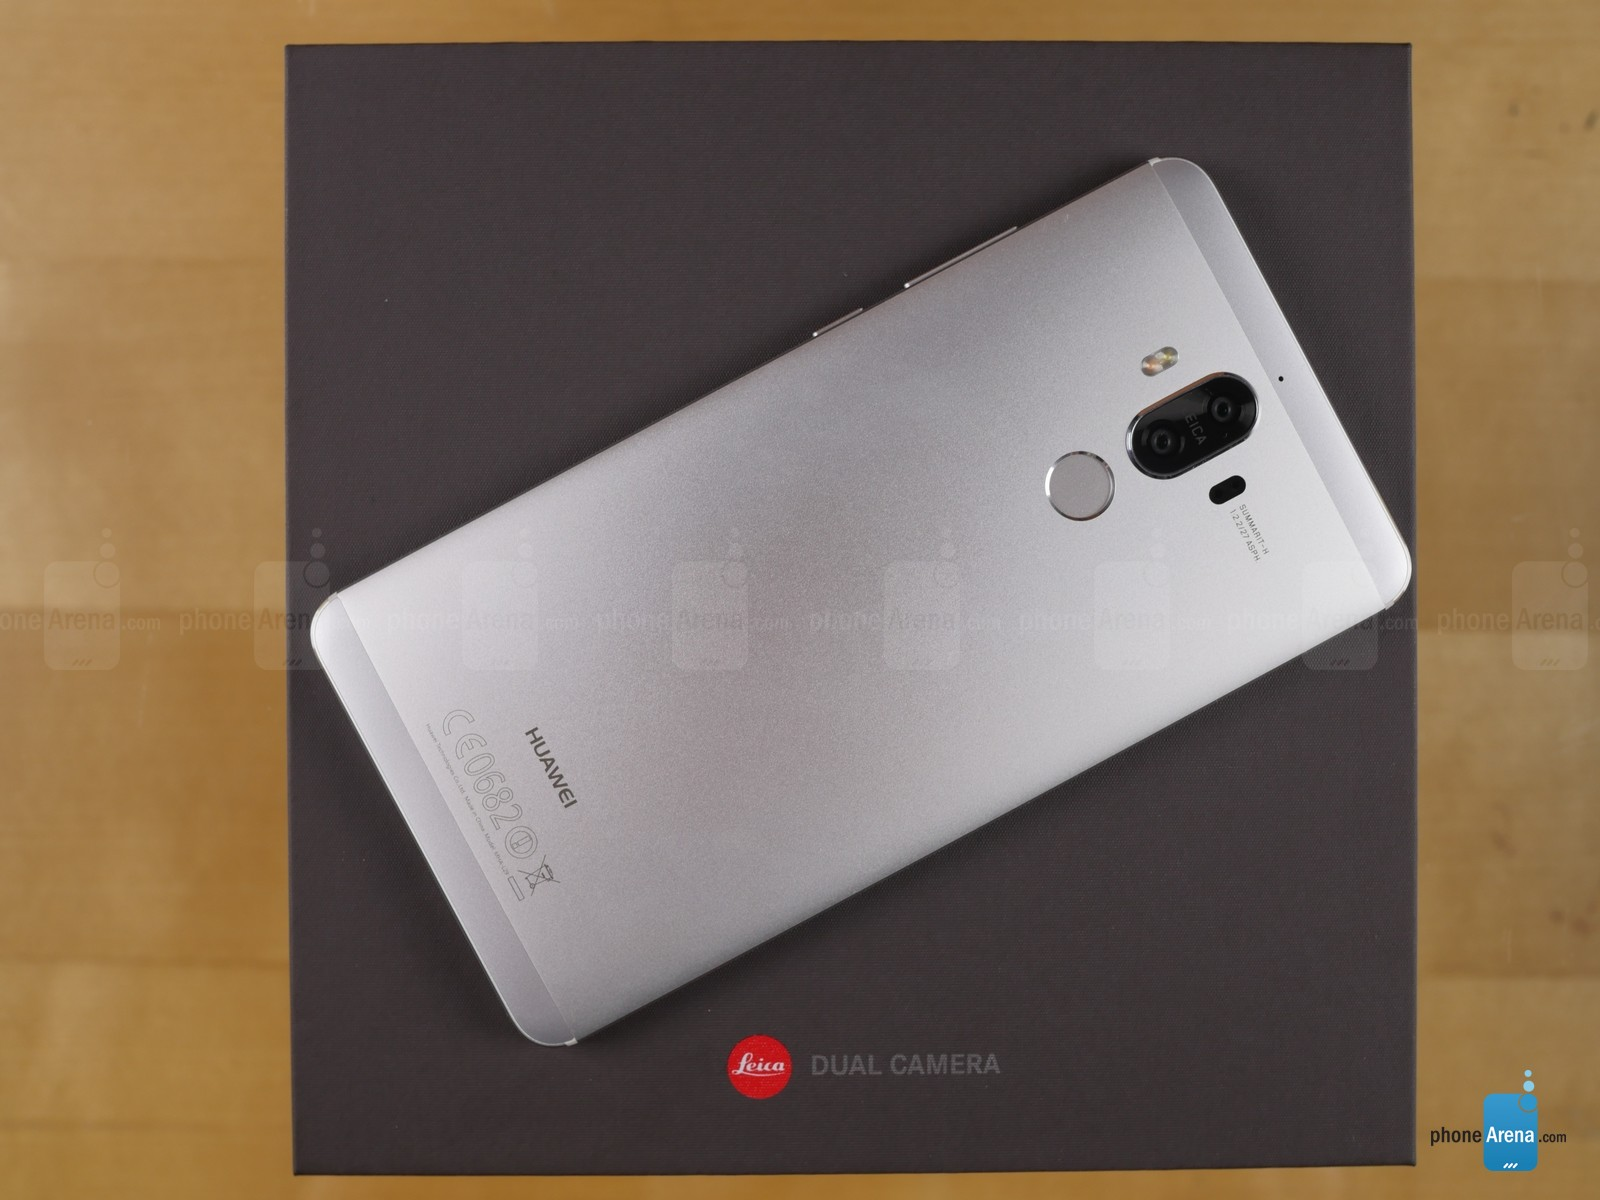 جعبه گشایی هواوی میت ۹ (Huawei Mate 9)